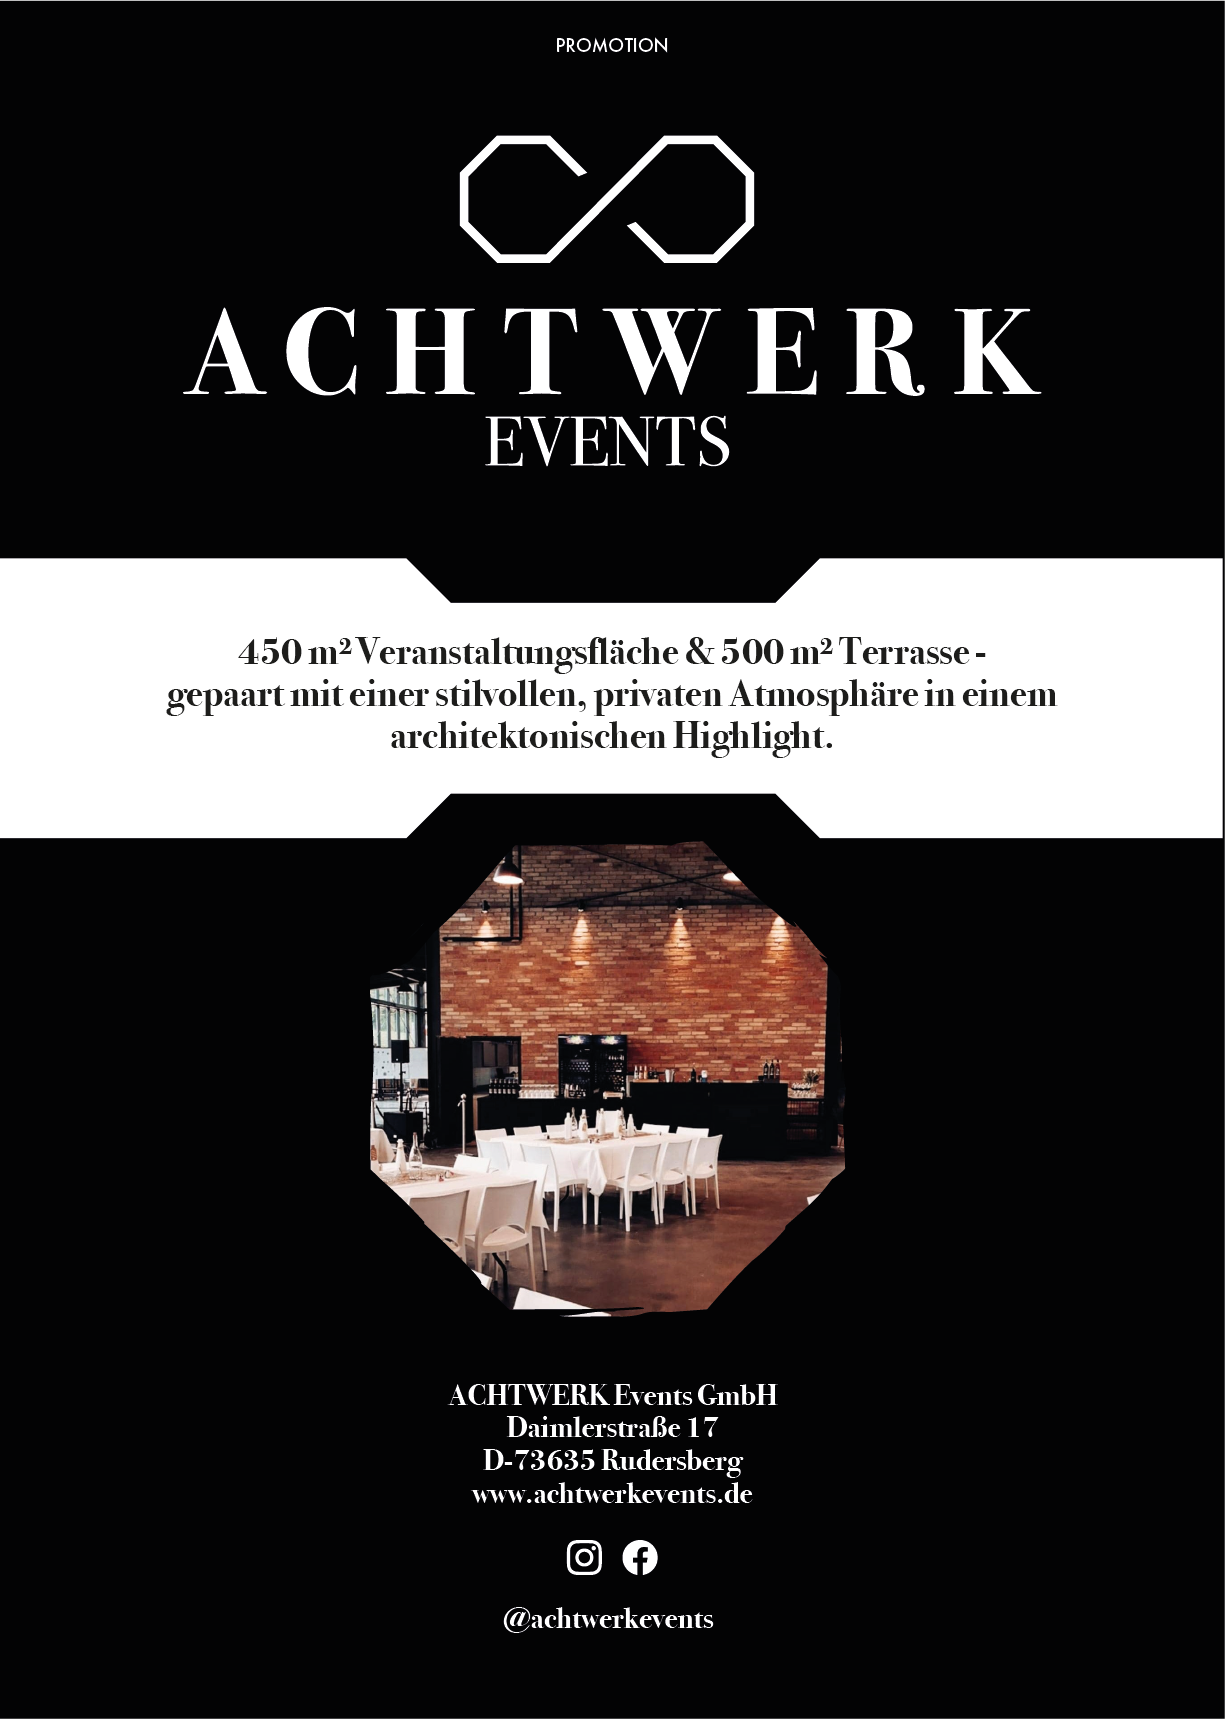 Promotion Achtwerk EVENTS